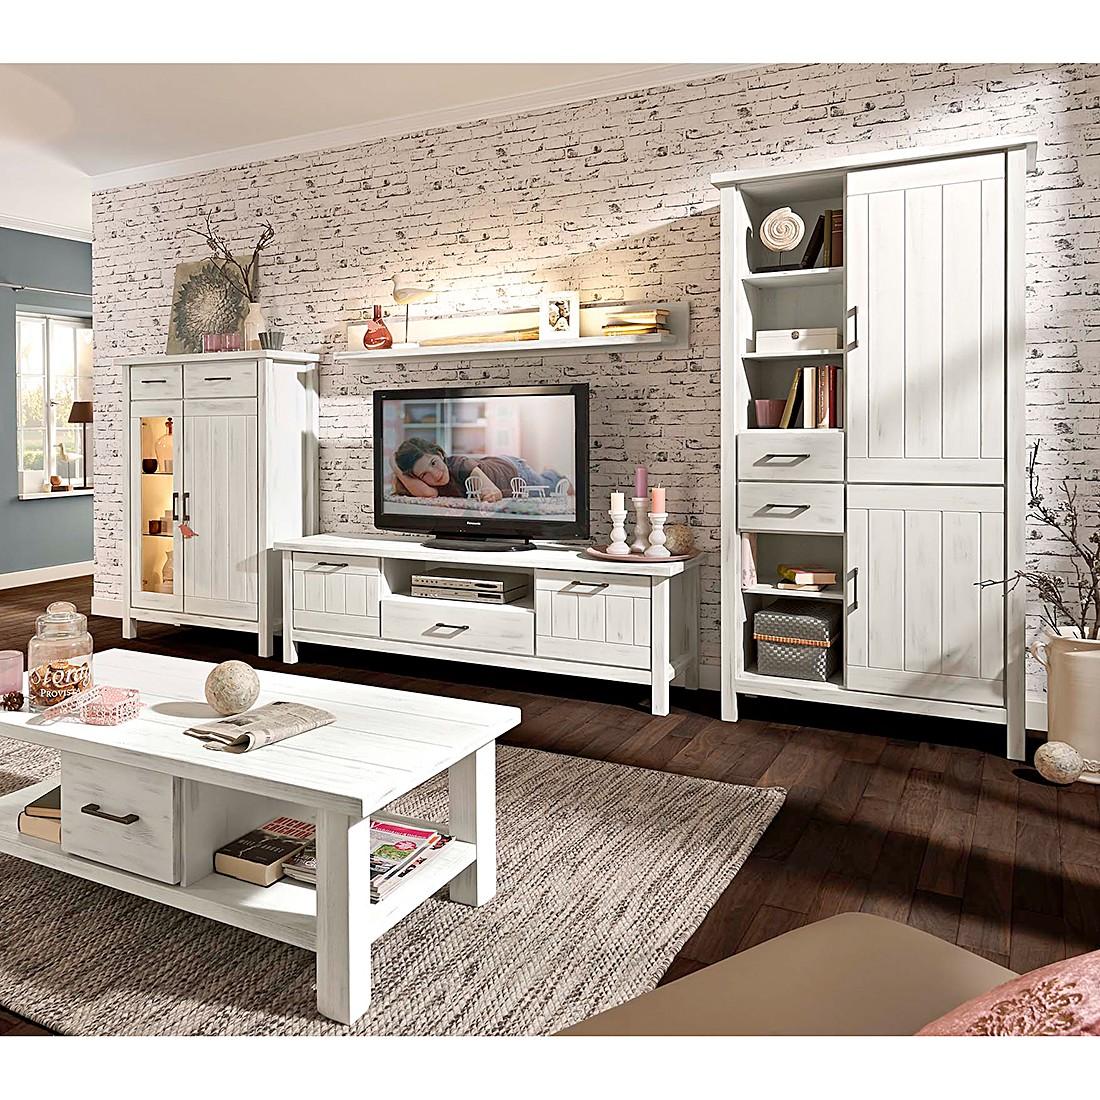 wohnwand prado kiefer massiv vintage wei mit beleuchtung mit wandboard lmie g nstig kaufen. Black Bedroom Furniture Sets. Home Design Ideas